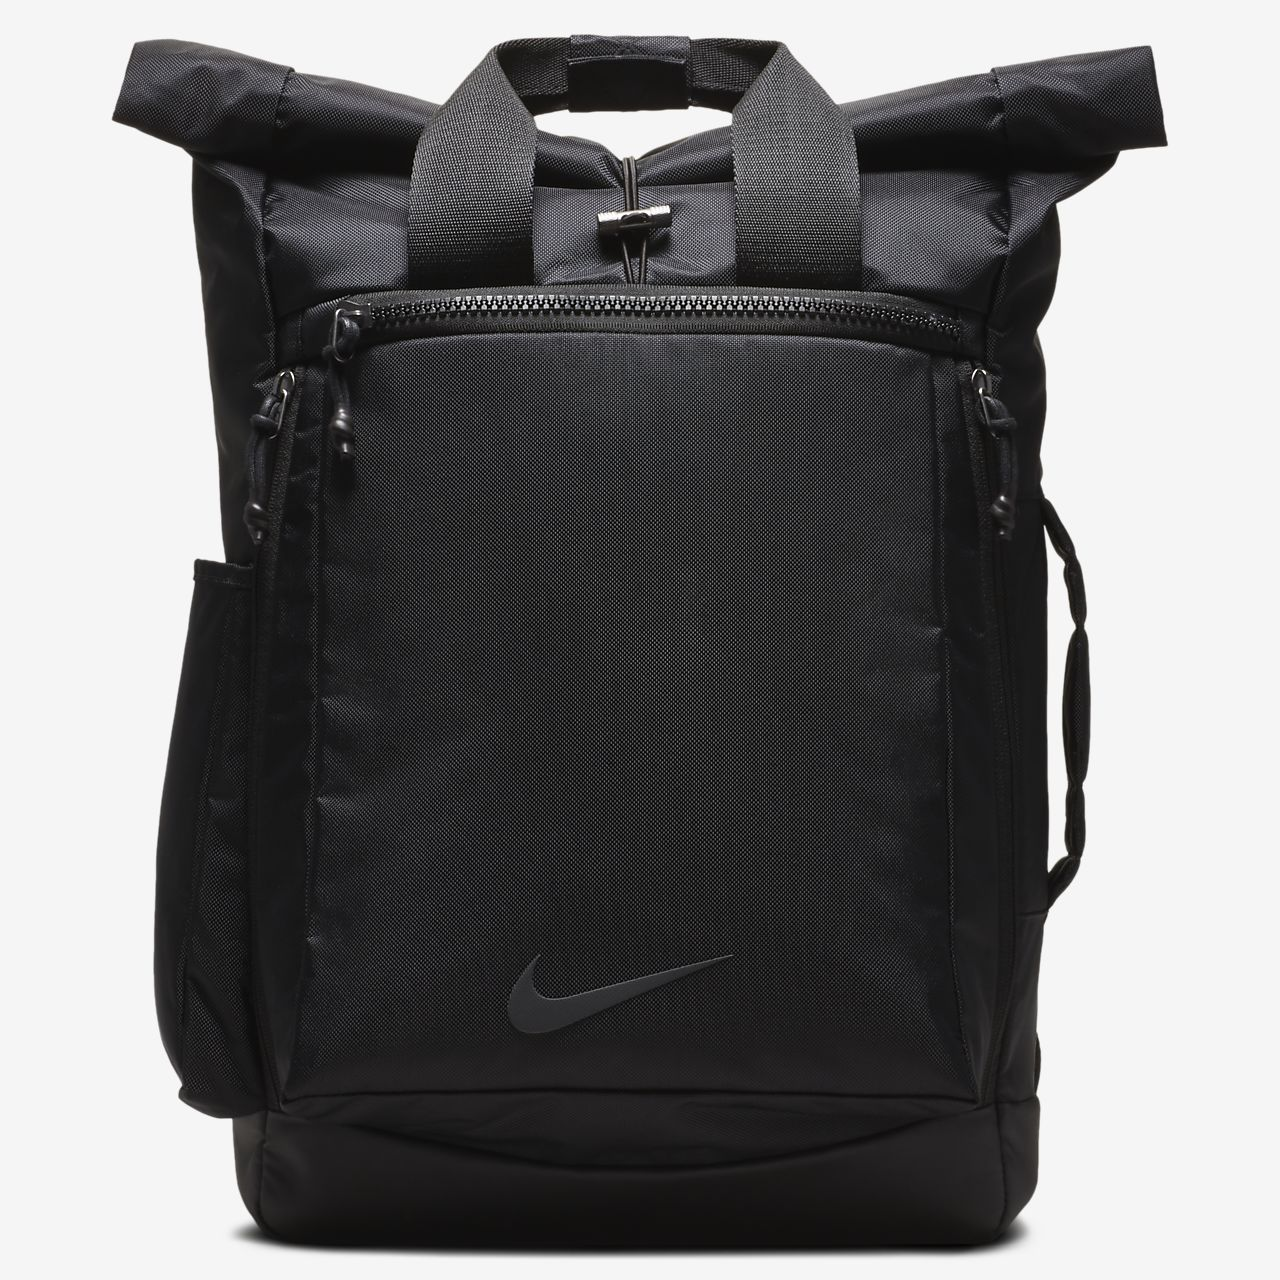 fbce194baa Sac à dos de training Nike Vapor Energy 2.0. Nike.com FR